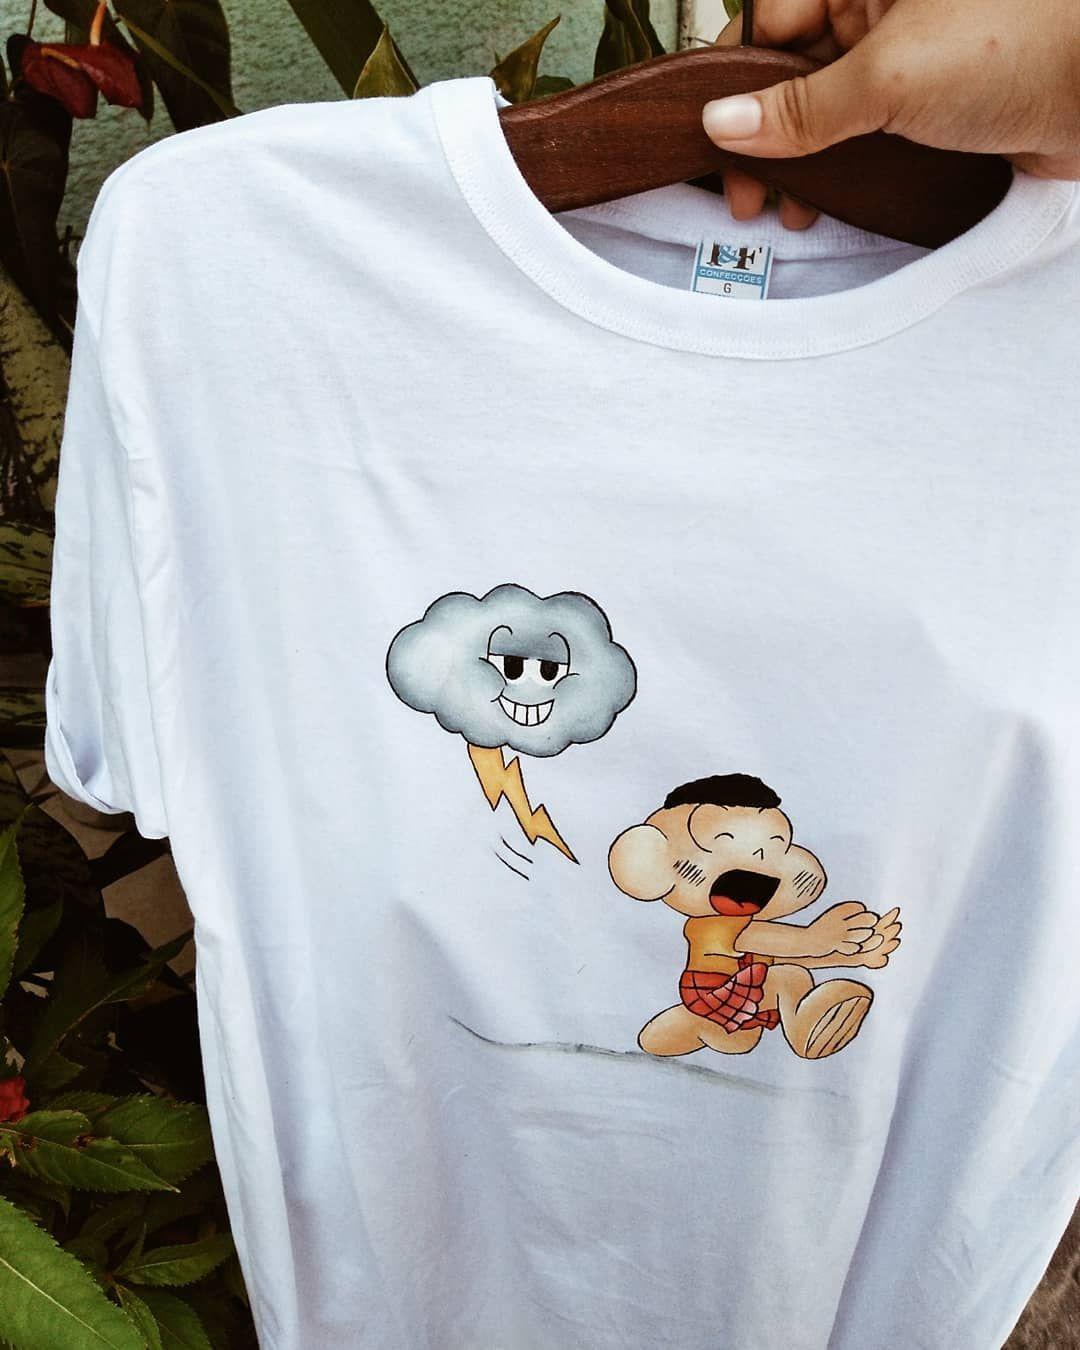 [组图/Carousel]T-shirt  Cascão (pintura em tecido) . . . . . . . . #pinturaemtecido #cascao #arte... [组图/Carousel]T-shirt  Cascão (pintura em tecido) . . . . . . . . #pinturaemtecido #cascao #artesanato #turmadamonica #mauriciodesouza #compredequemfaz #arte #inspiracao #artesanato #o #art #feitoamao #handmade #decora #decoracao #la #feitocomamor #love #artesanal #artes #diy #artist #decor #arts #compredequemfaz #artesanatobrasil #artwork #amor #artesanatos #brasil